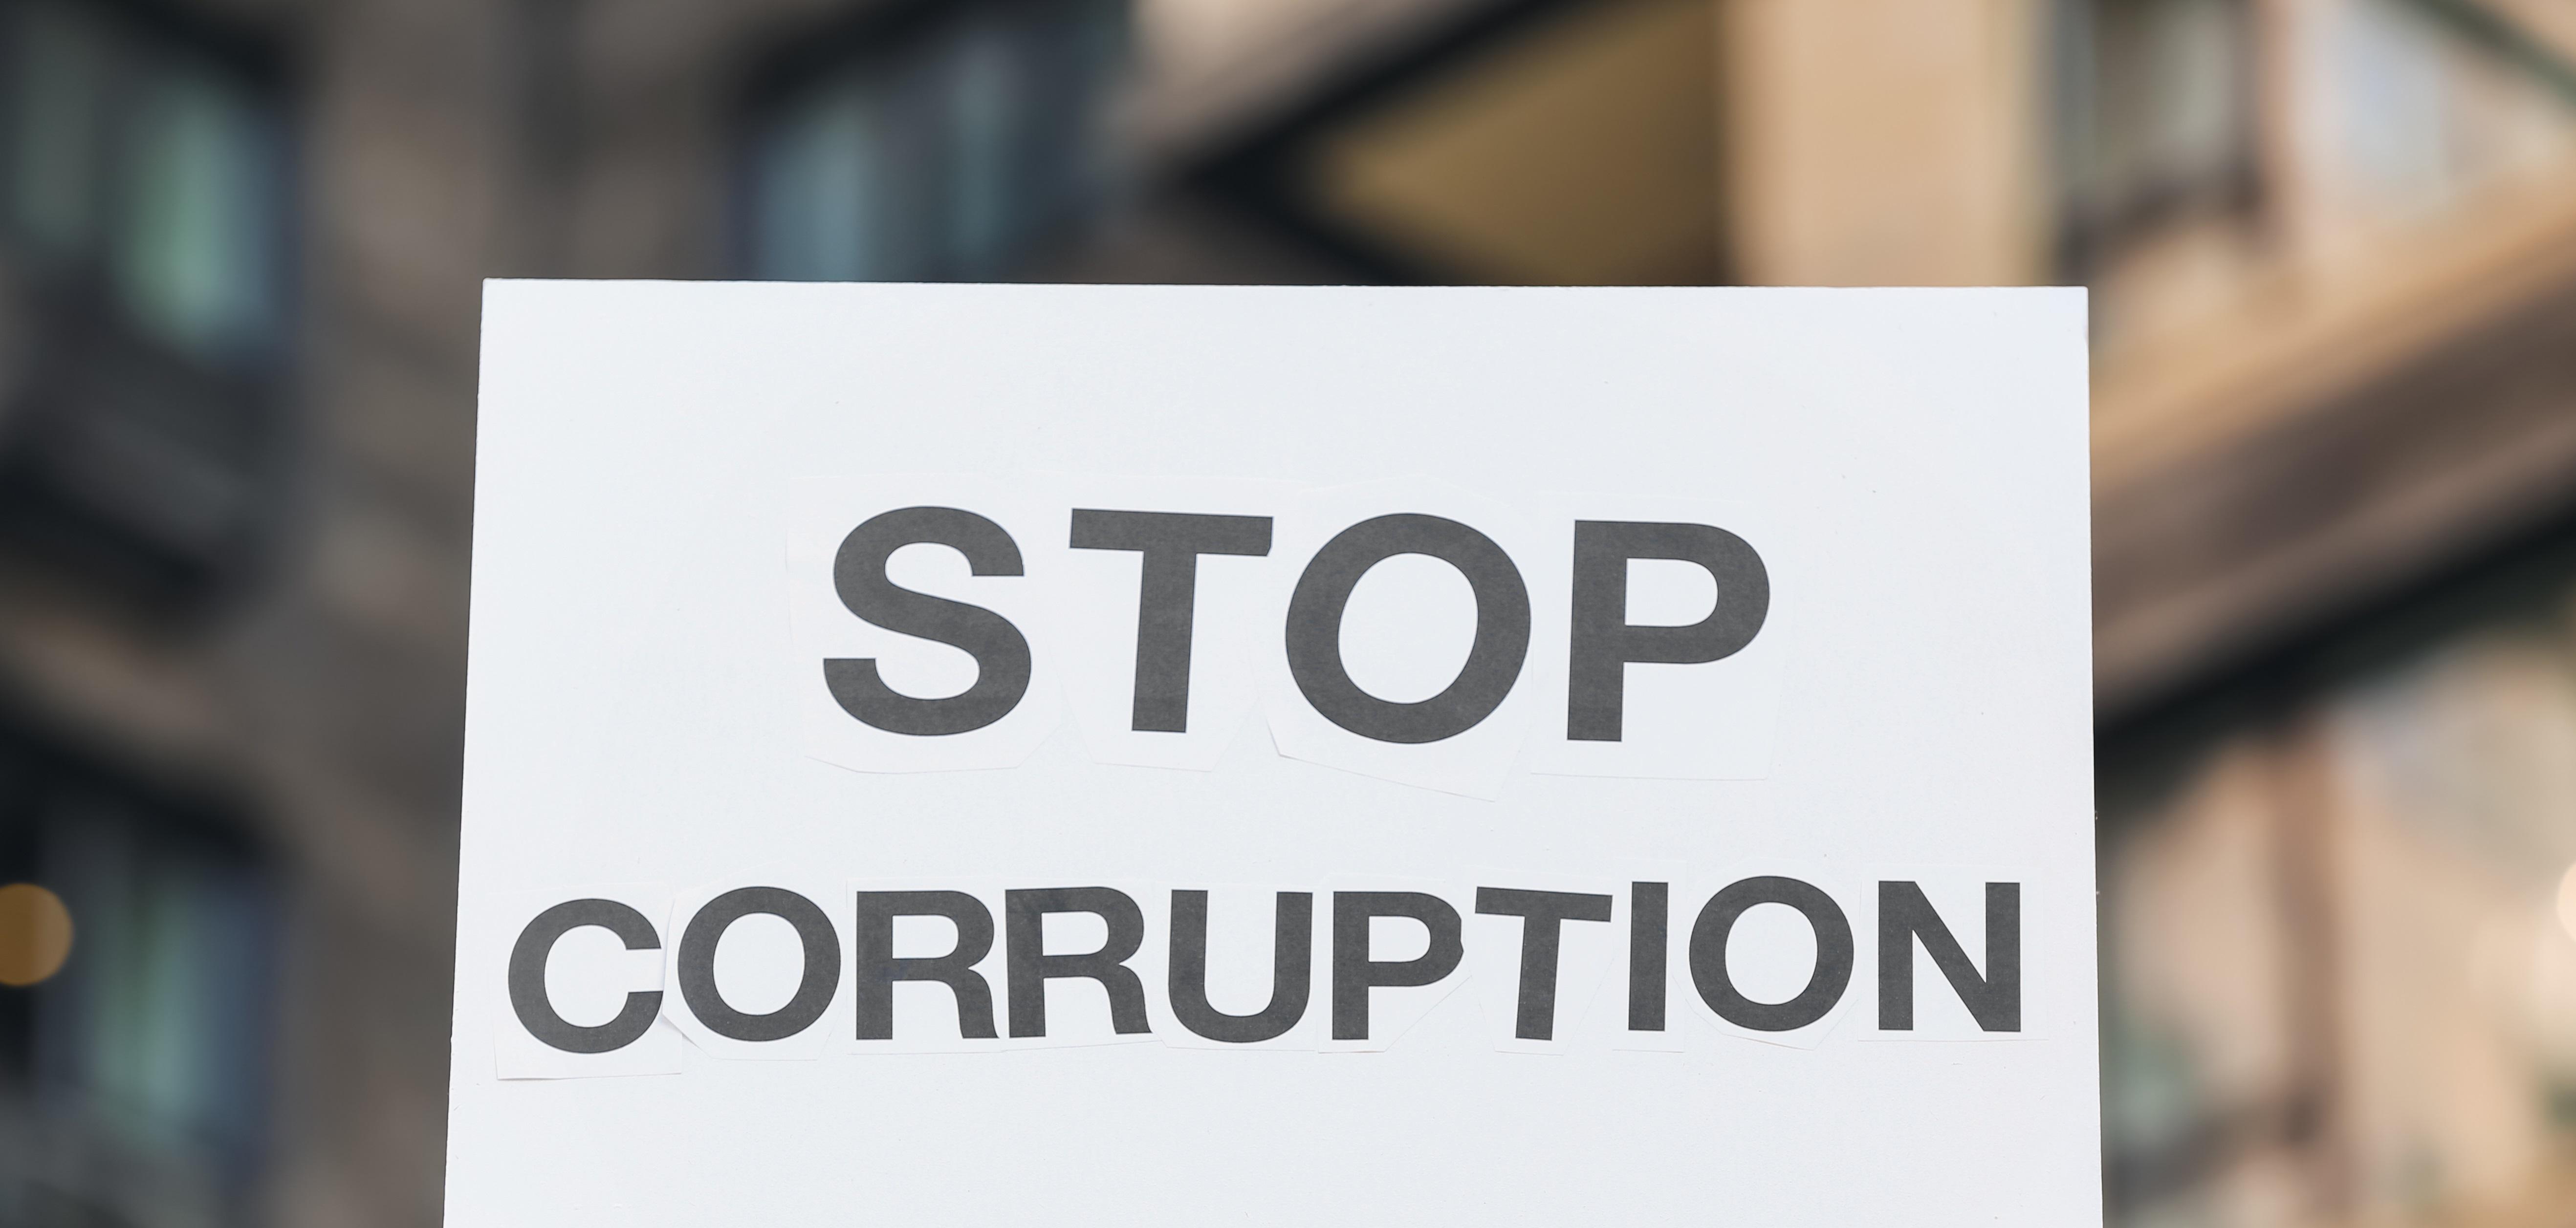 У Лондоні презентують аналітичний звіт з антикорупції